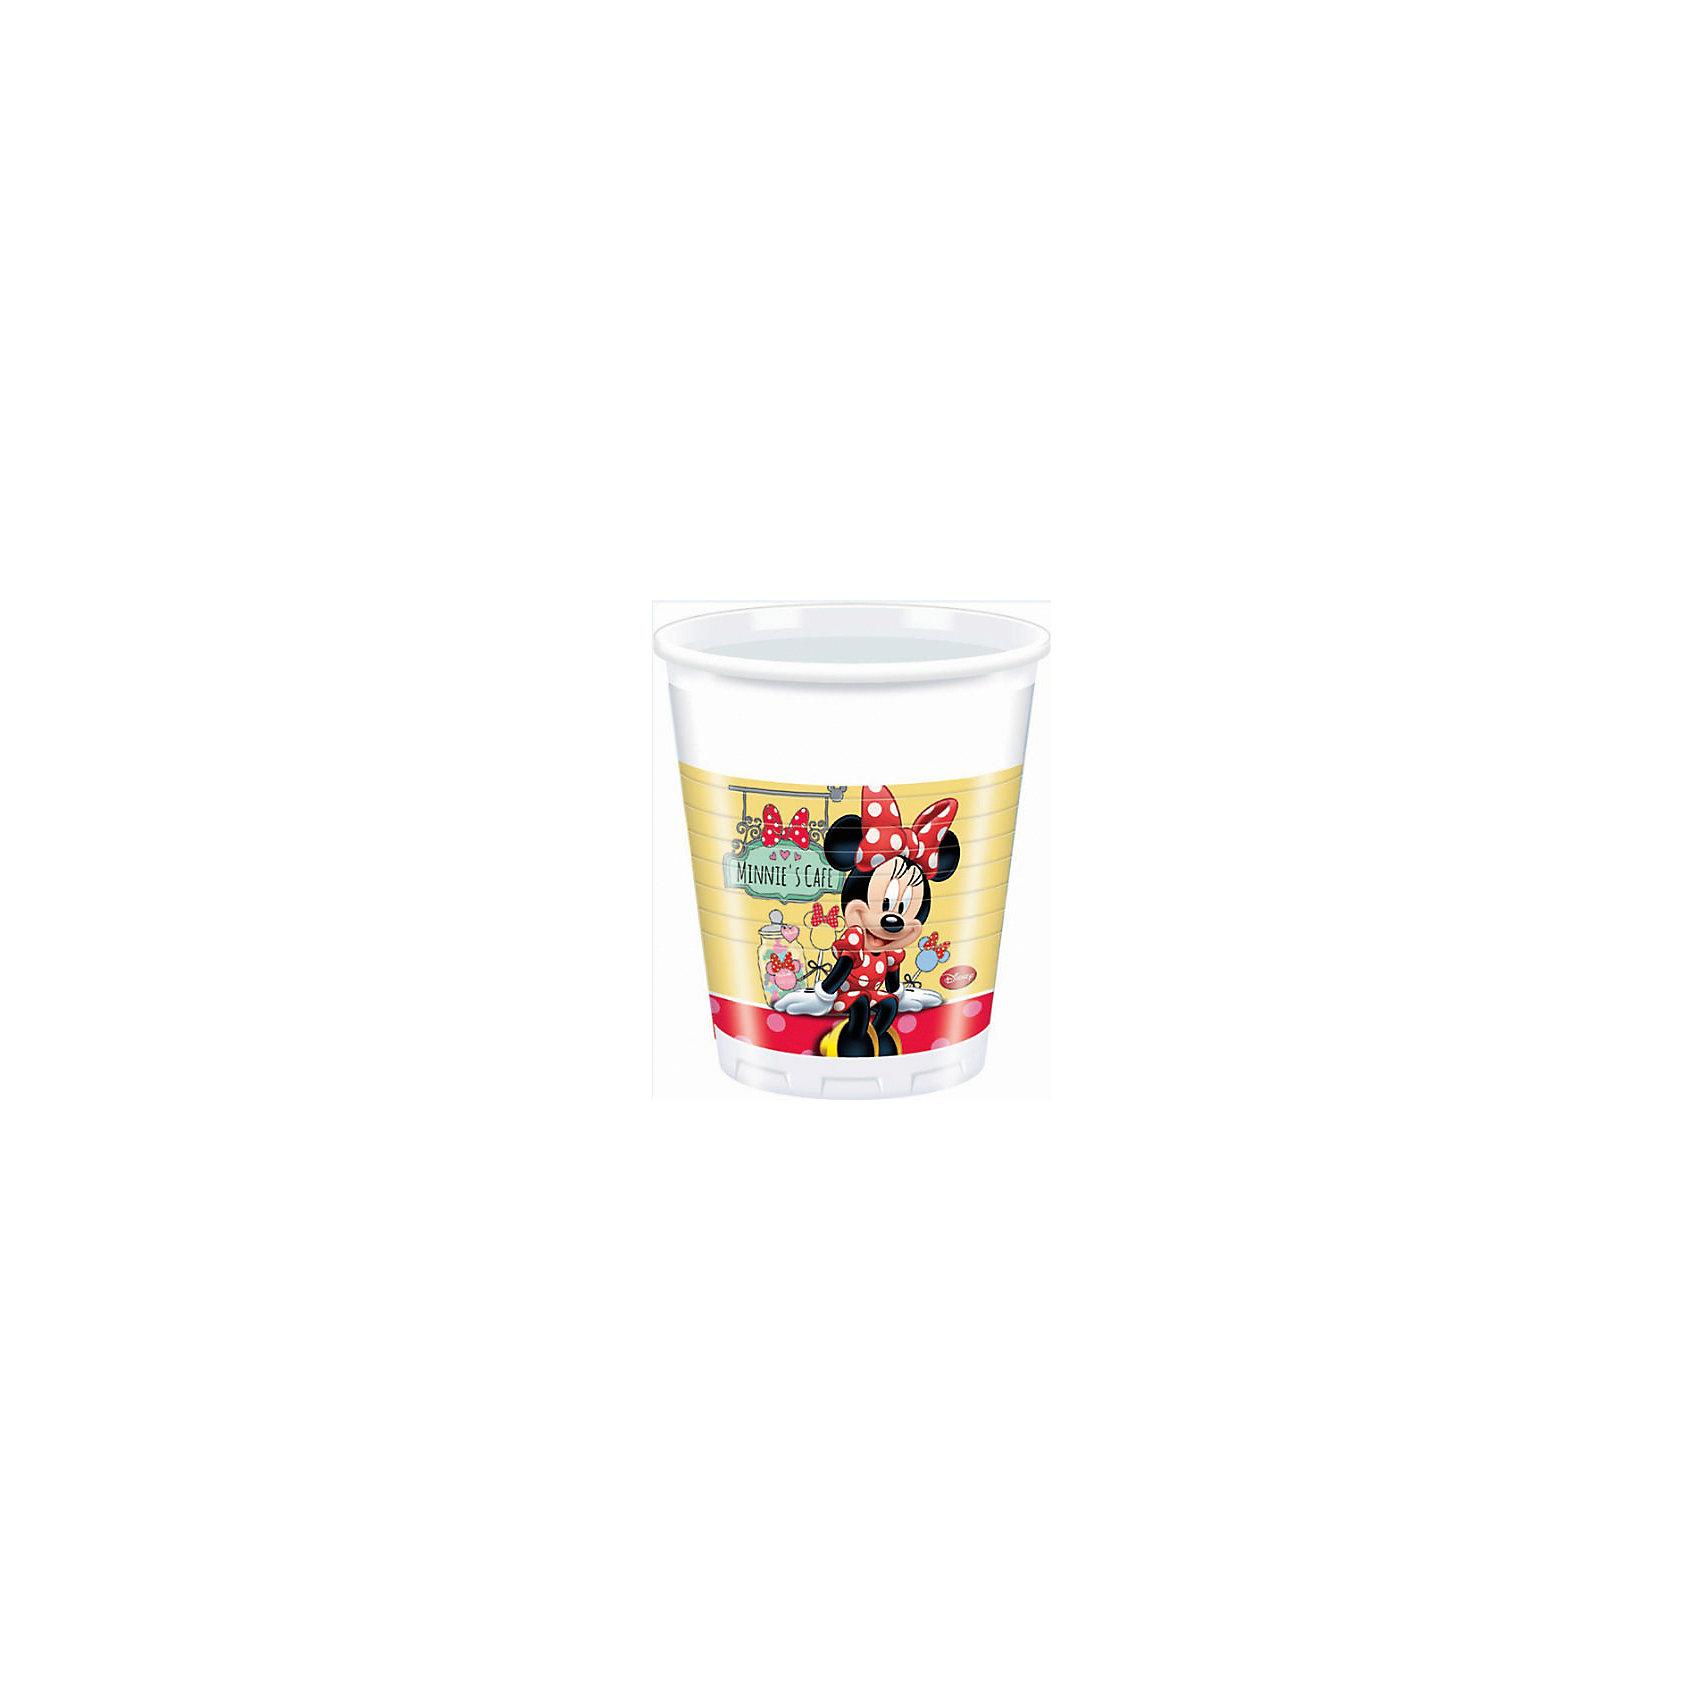 Стаканы пластиковые  Кафе Минни 200мл 8штВсё для праздника<br>Пластиковые стаканы «Кафе Минни» - незаменимый аксессуар для вечеринки в стиле студии Disney. Перенеситесь во время праздника выпить чашечку кофе с Минни Маус и попробовать ее пирожные. Для создания атмосферы используйте так же тарелки и другие аксессуары из серии «Кафе Минни», которые можно найти в нашем каталоге. @#<br>Преимущество одноразовых стаканов – несомненно, их безопасность. Даже если маленькие гости уронят их, никто не порежется. Кроме того, одноразовая посуда существенно облегчит уборку после торжества: ее не нужно мыть. @#<br>Эти аксессуары для праздника выпущены греческим брендом Procos. Они изготовлены из безопасных, нетоксичных материалов, прошли сертификацию на европейском уровне. @#<br>В упаковке 8 стаканов. @#<br>Объем каждого стакана: 200 миллилитров. @#<br>Предназначено для детей старше 3 лет.<br><br>Ширина мм: 70<br>Глубина мм: 70<br>Высота мм: 125<br>Вес г: 5<br>Возраст от месяцев: 36<br>Возраст до месяцев: 120<br>Пол: Женский<br>Возраст: Детский<br>SKU: 6914348